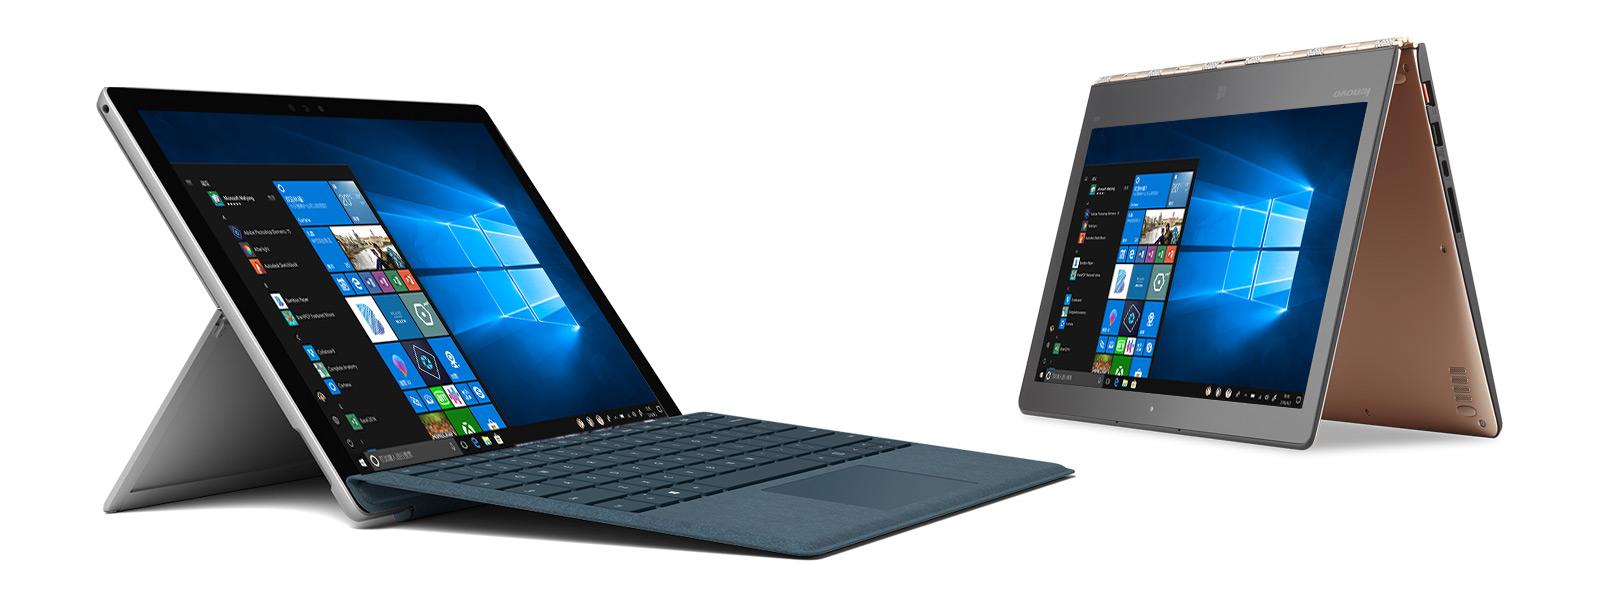 帐篷模式下 Microsoft Surface Pro 的右侧视角图和 HP Spectre x360 的左侧视角图。